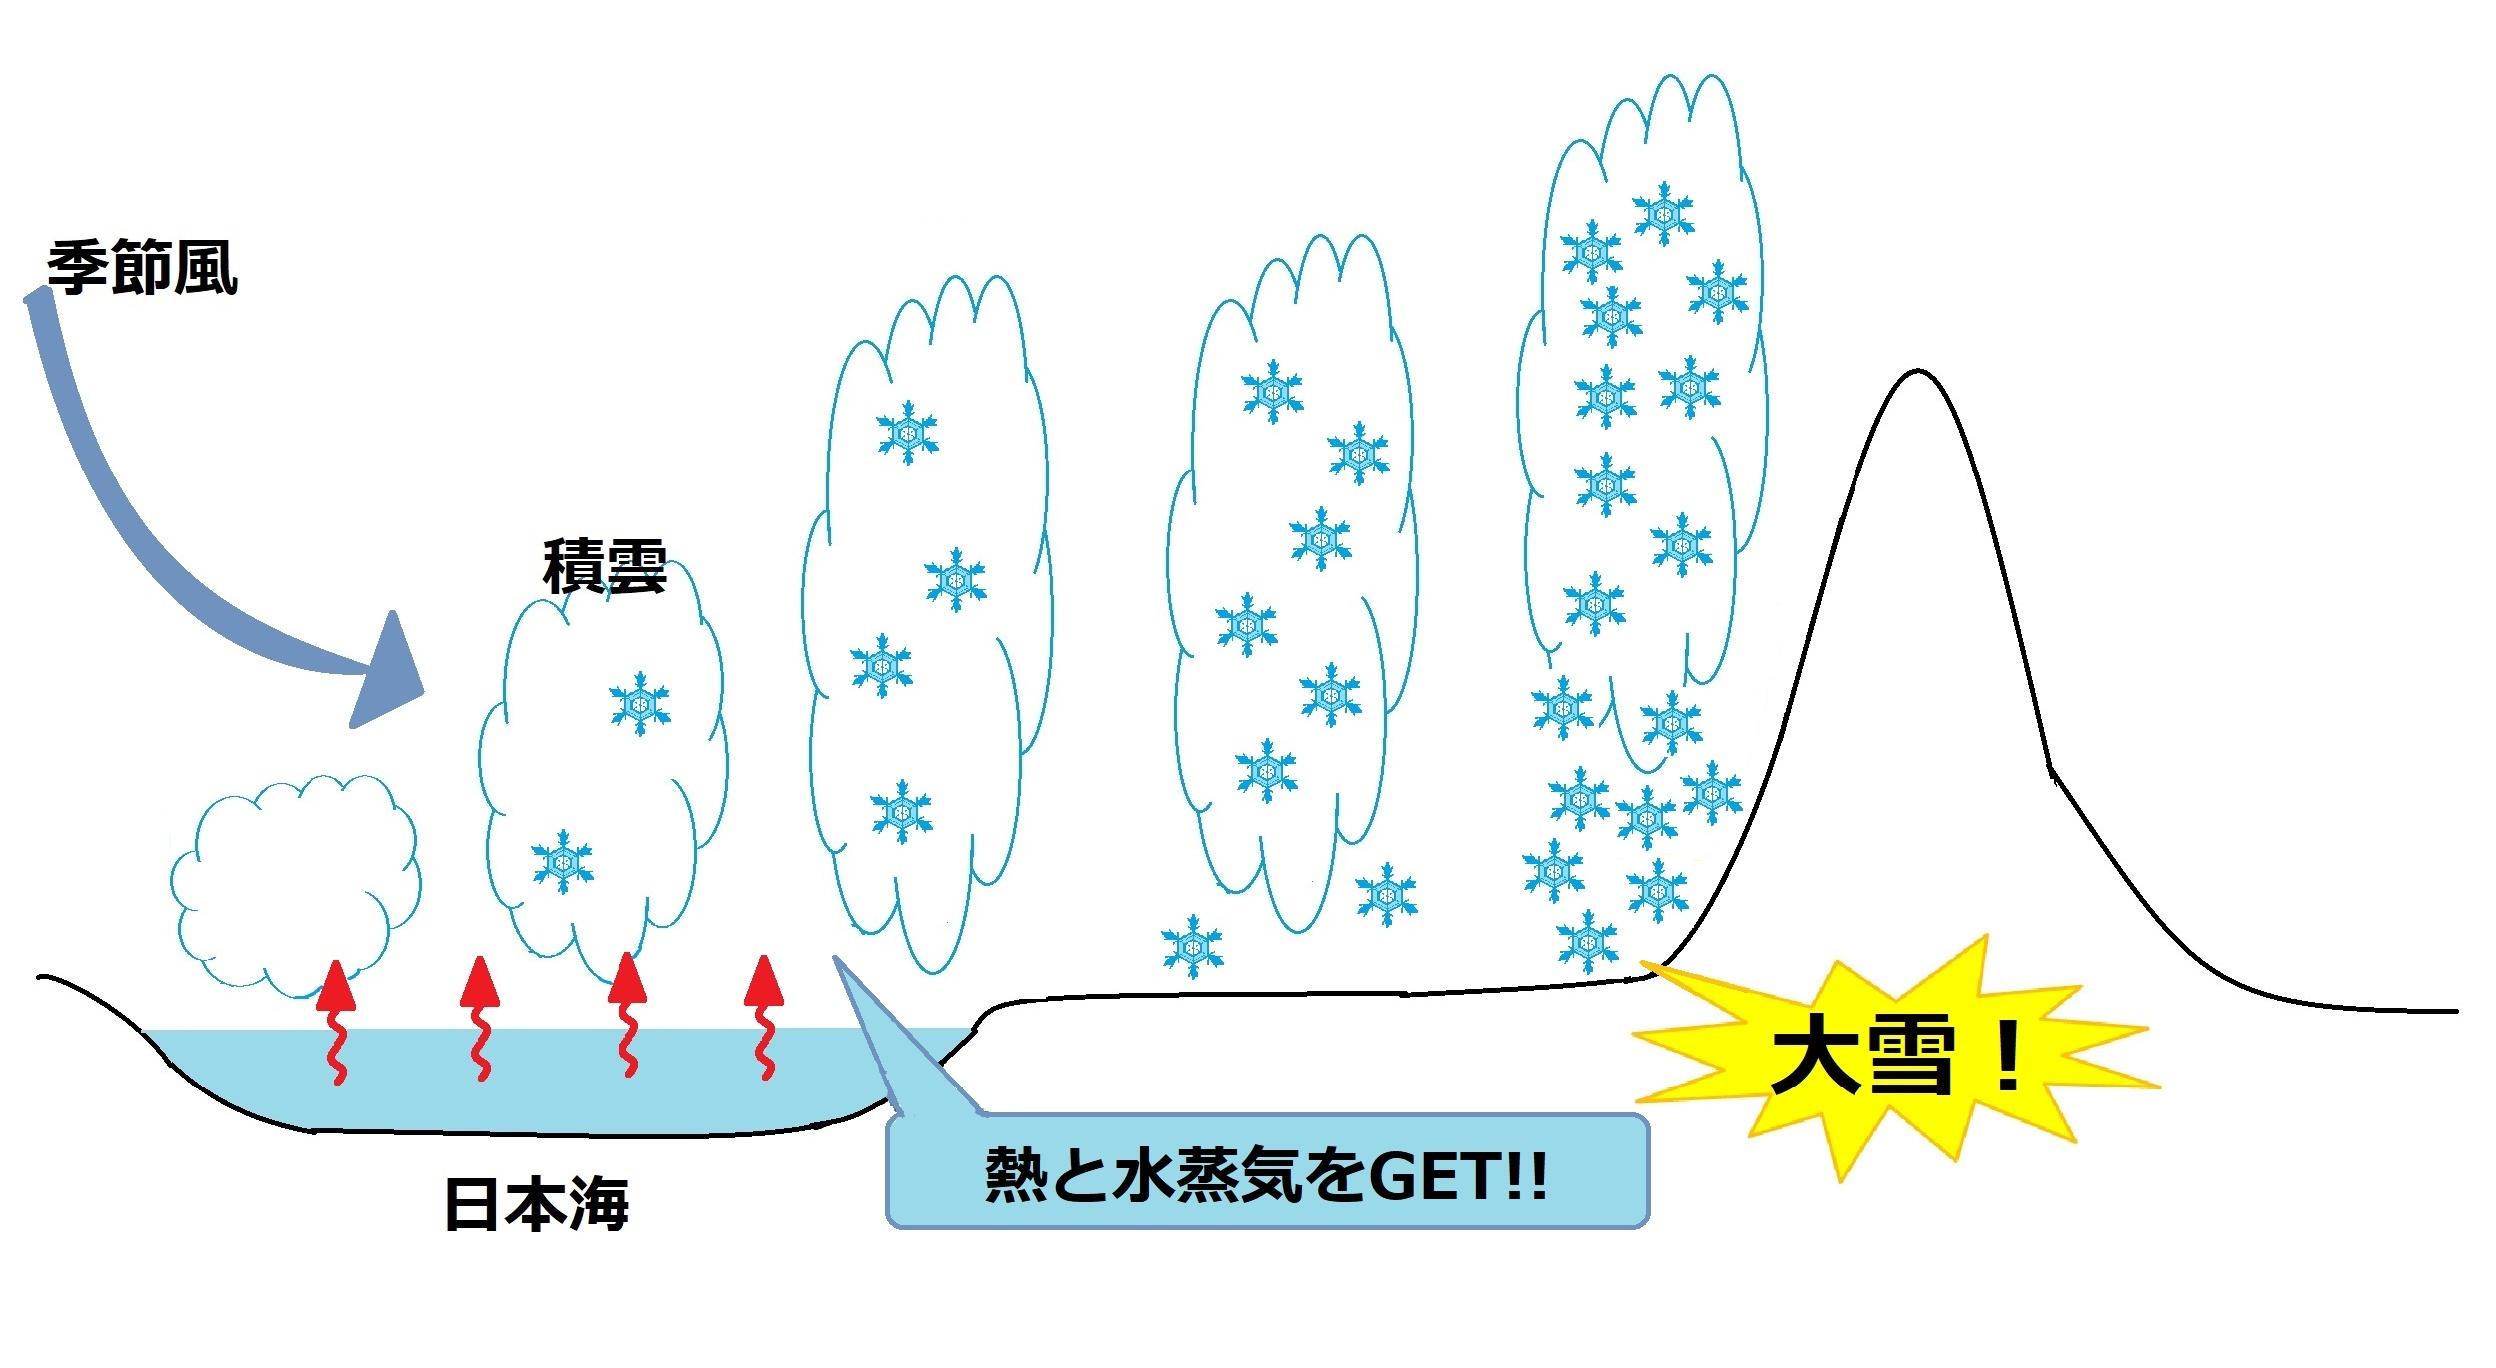 雪の降る様子を図で解説